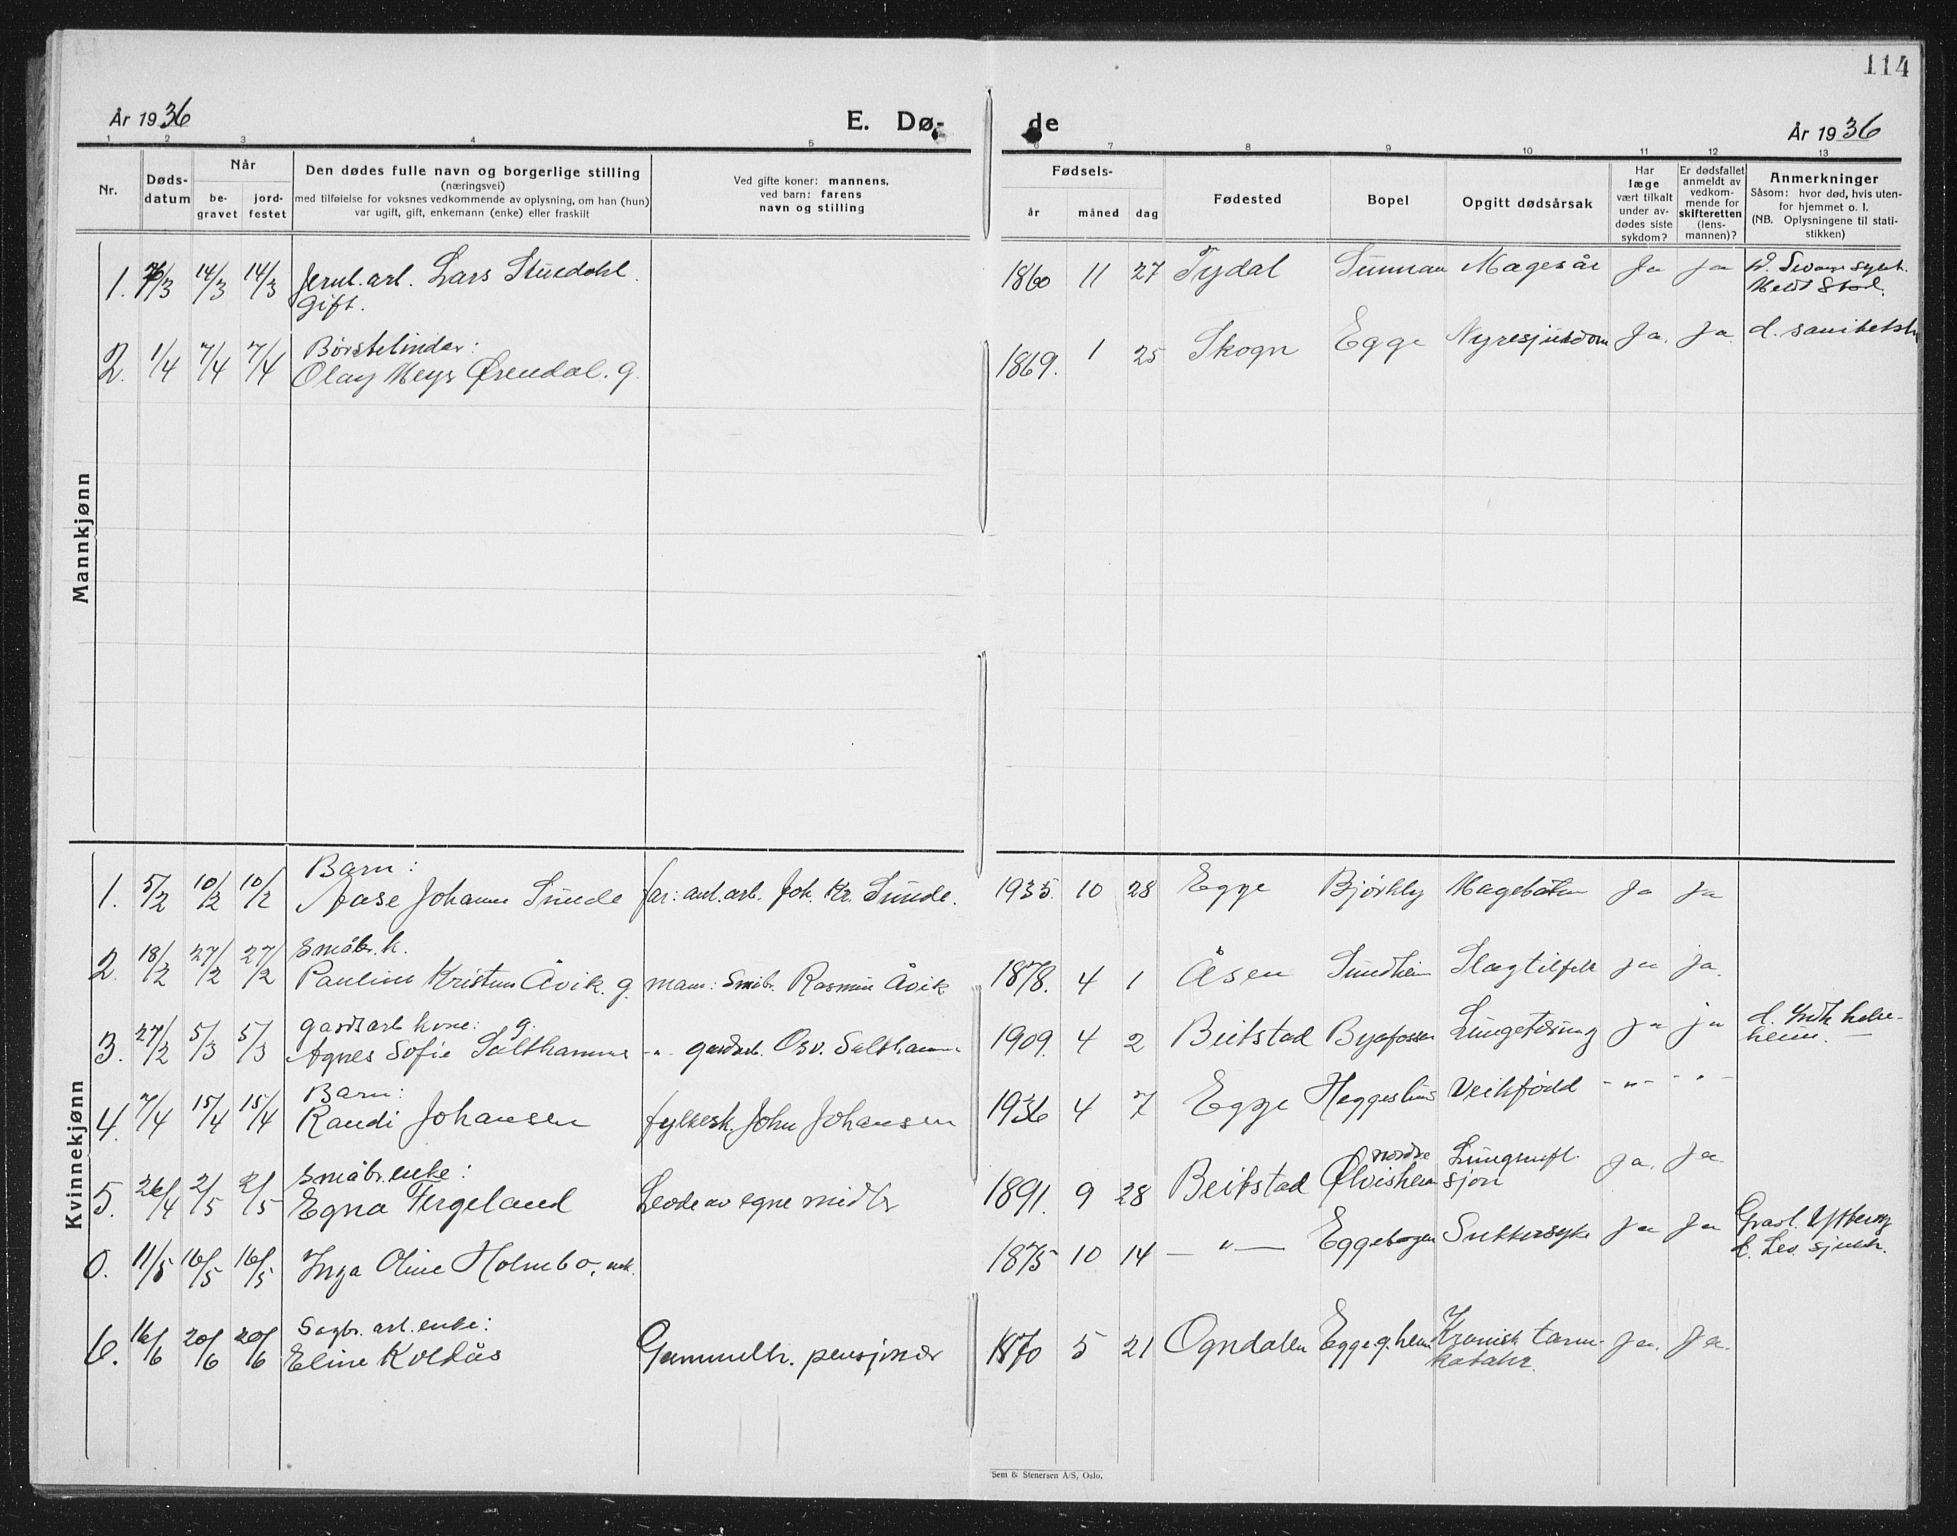 SAT, Ministerialprotokoller, klokkerbøker og fødselsregistre - Nord-Trøndelag, 740/L0383: Klokkerbok nr. 740C04, 1927-1939, s. 114